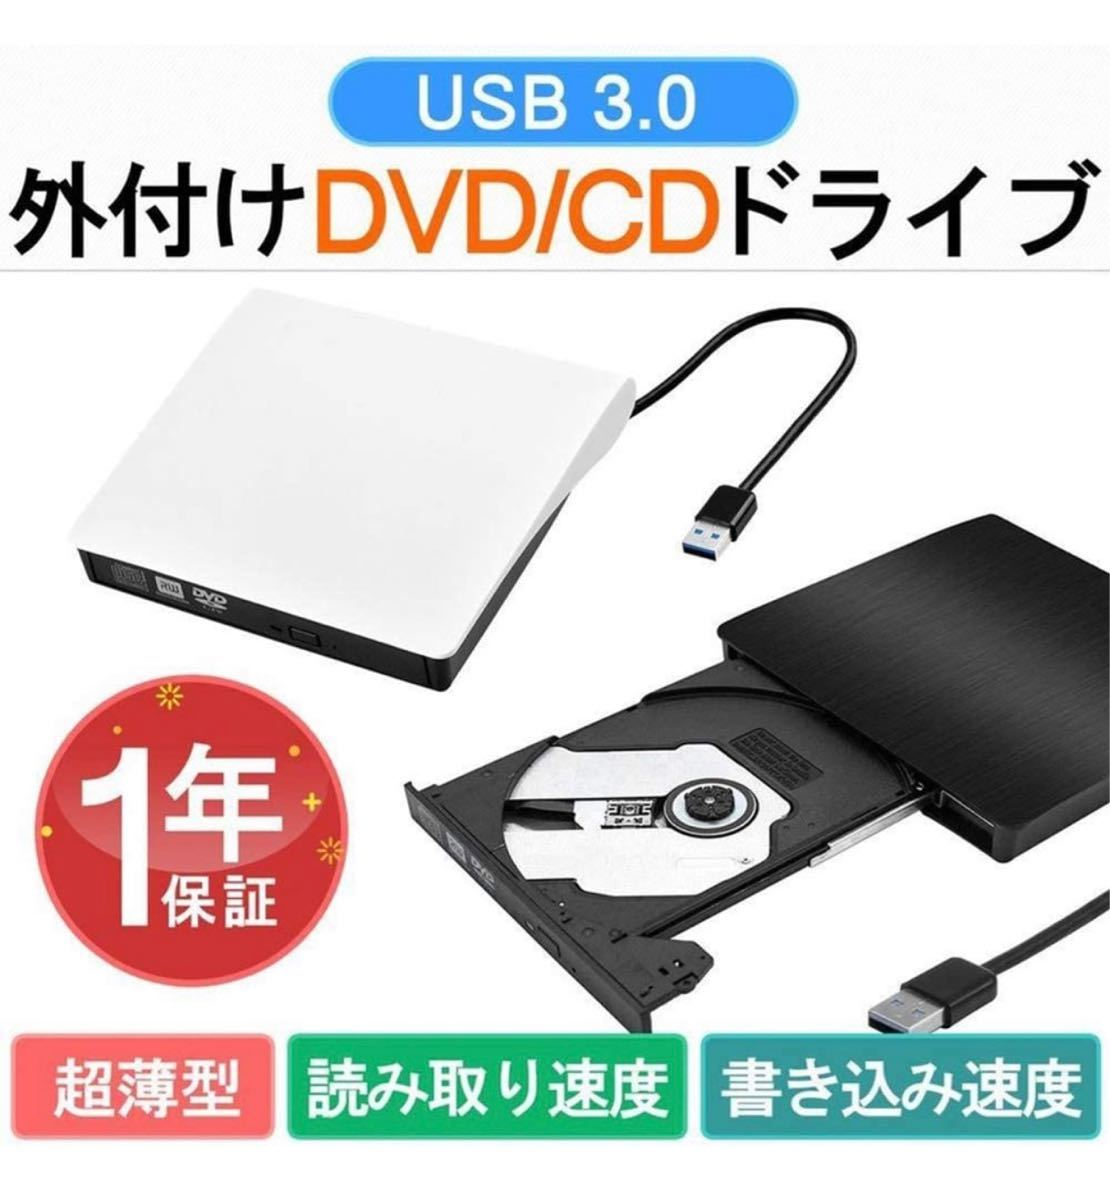 《超薄型★》USB3.0 外付け DVDドライブ TypeC PC外付けドライブ